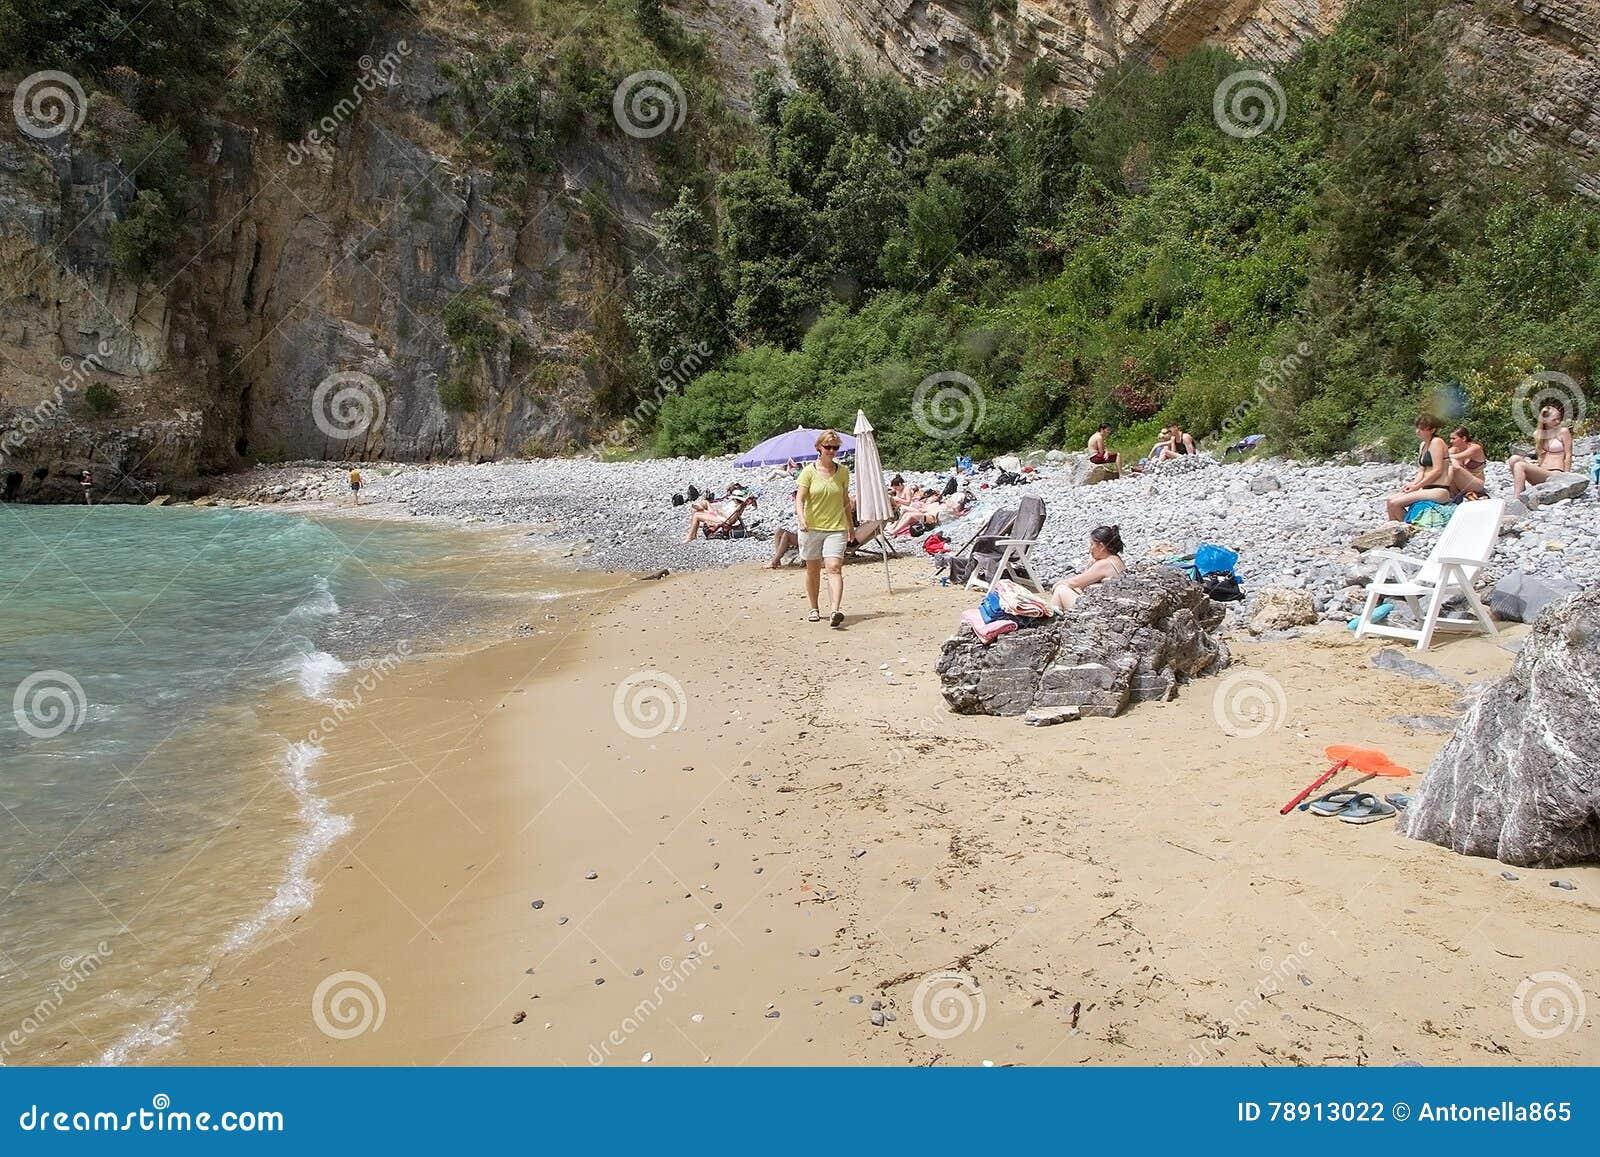 Turism på udde Palinuro, Italien